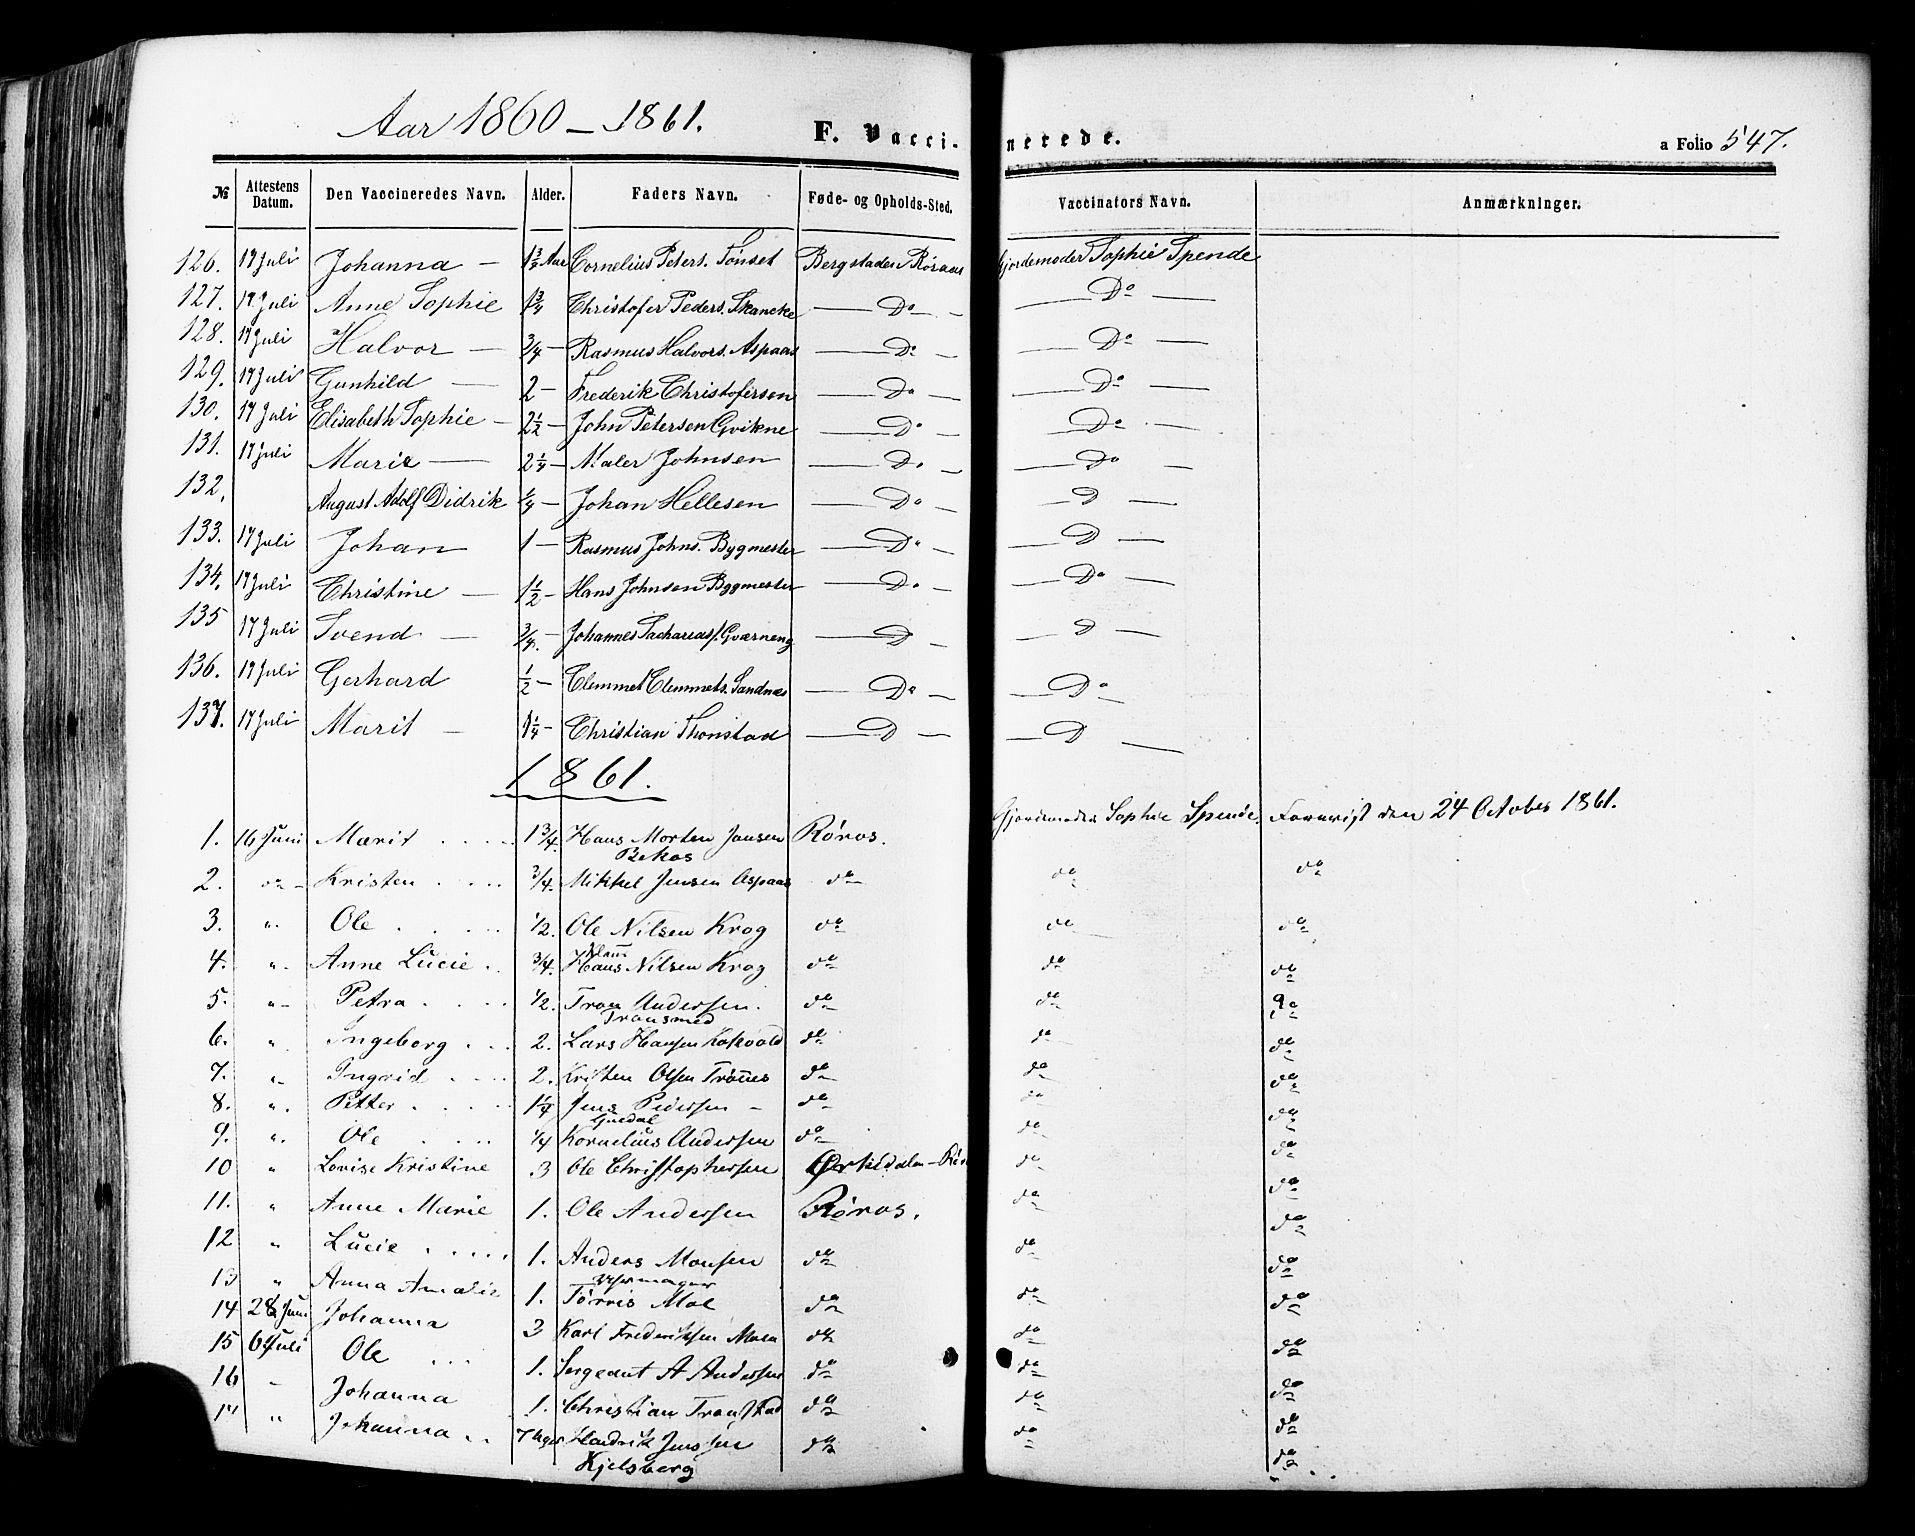 SAT, Ministerialprotokoller, klokkerbøker og fødselsregistre - Sør-Trøndelag, 681/L0932: Ministerialbok nr. 681A10, 1860-1878, s. 547